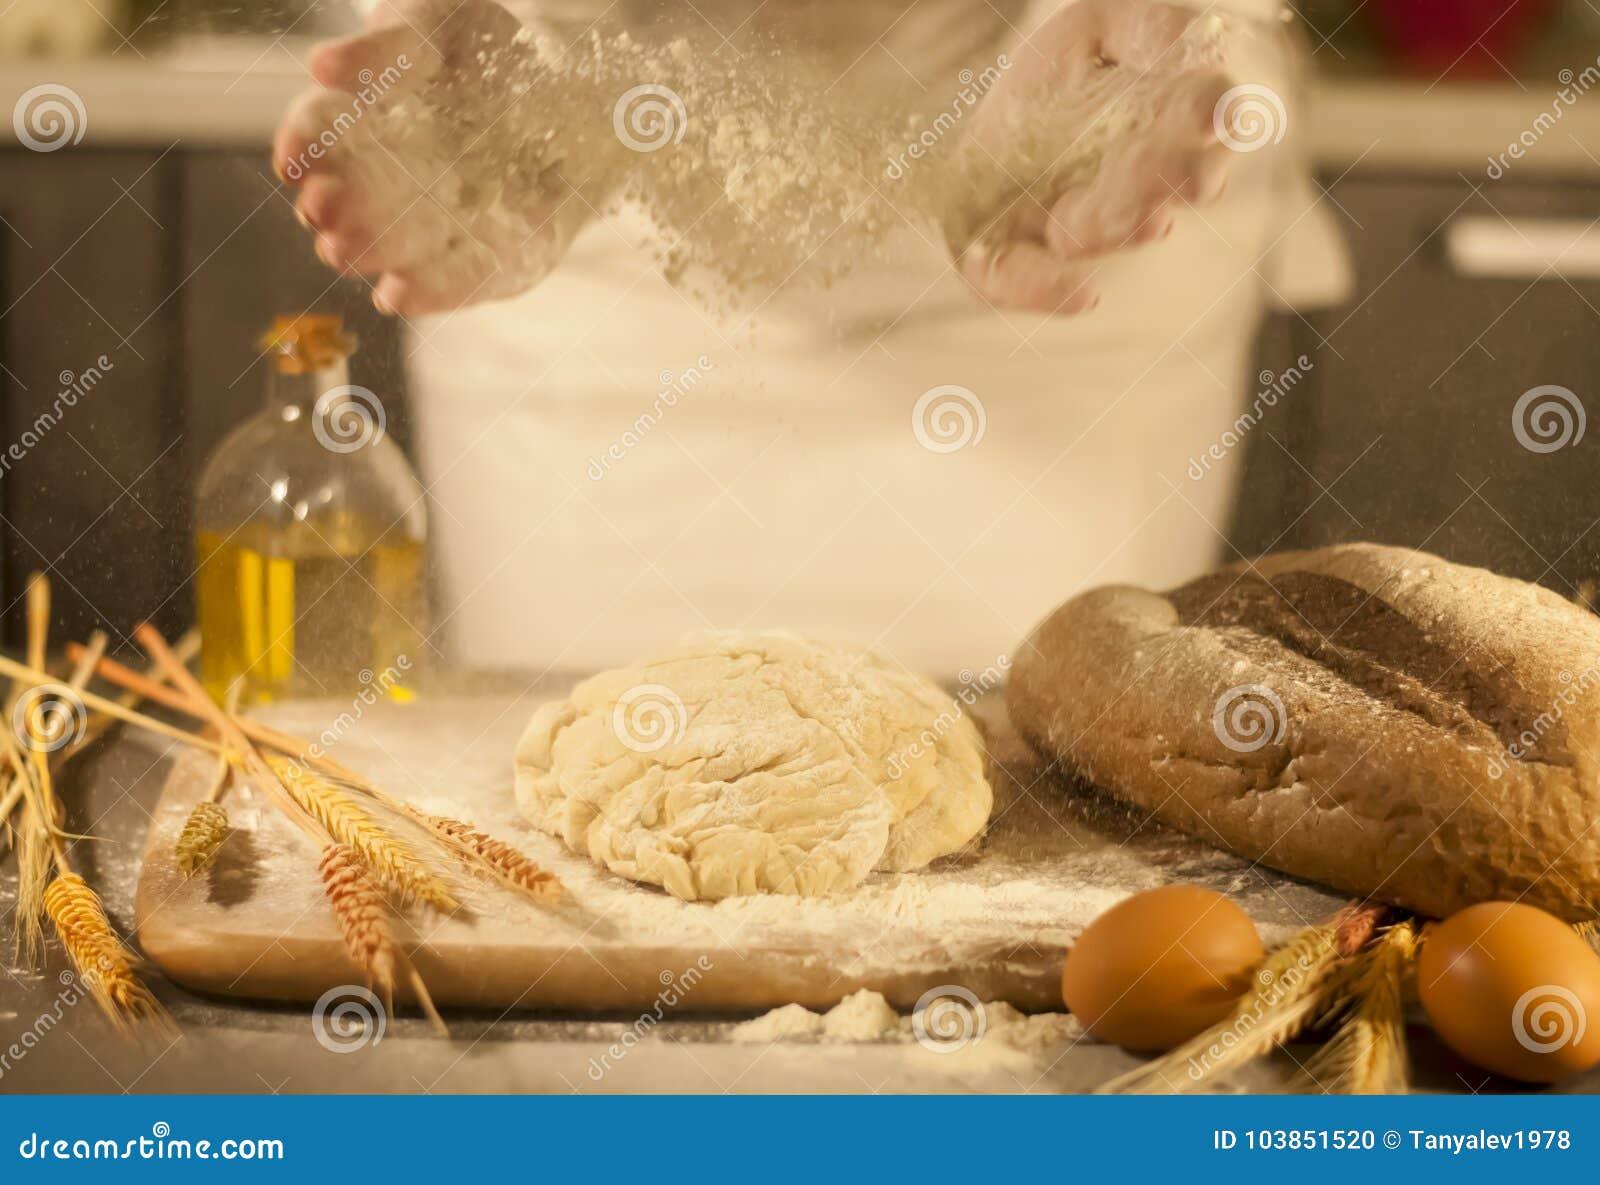 Frauenbäcker übergibt, knetet Teig und Herstellungsbrot, Butter, Tomatenmehl